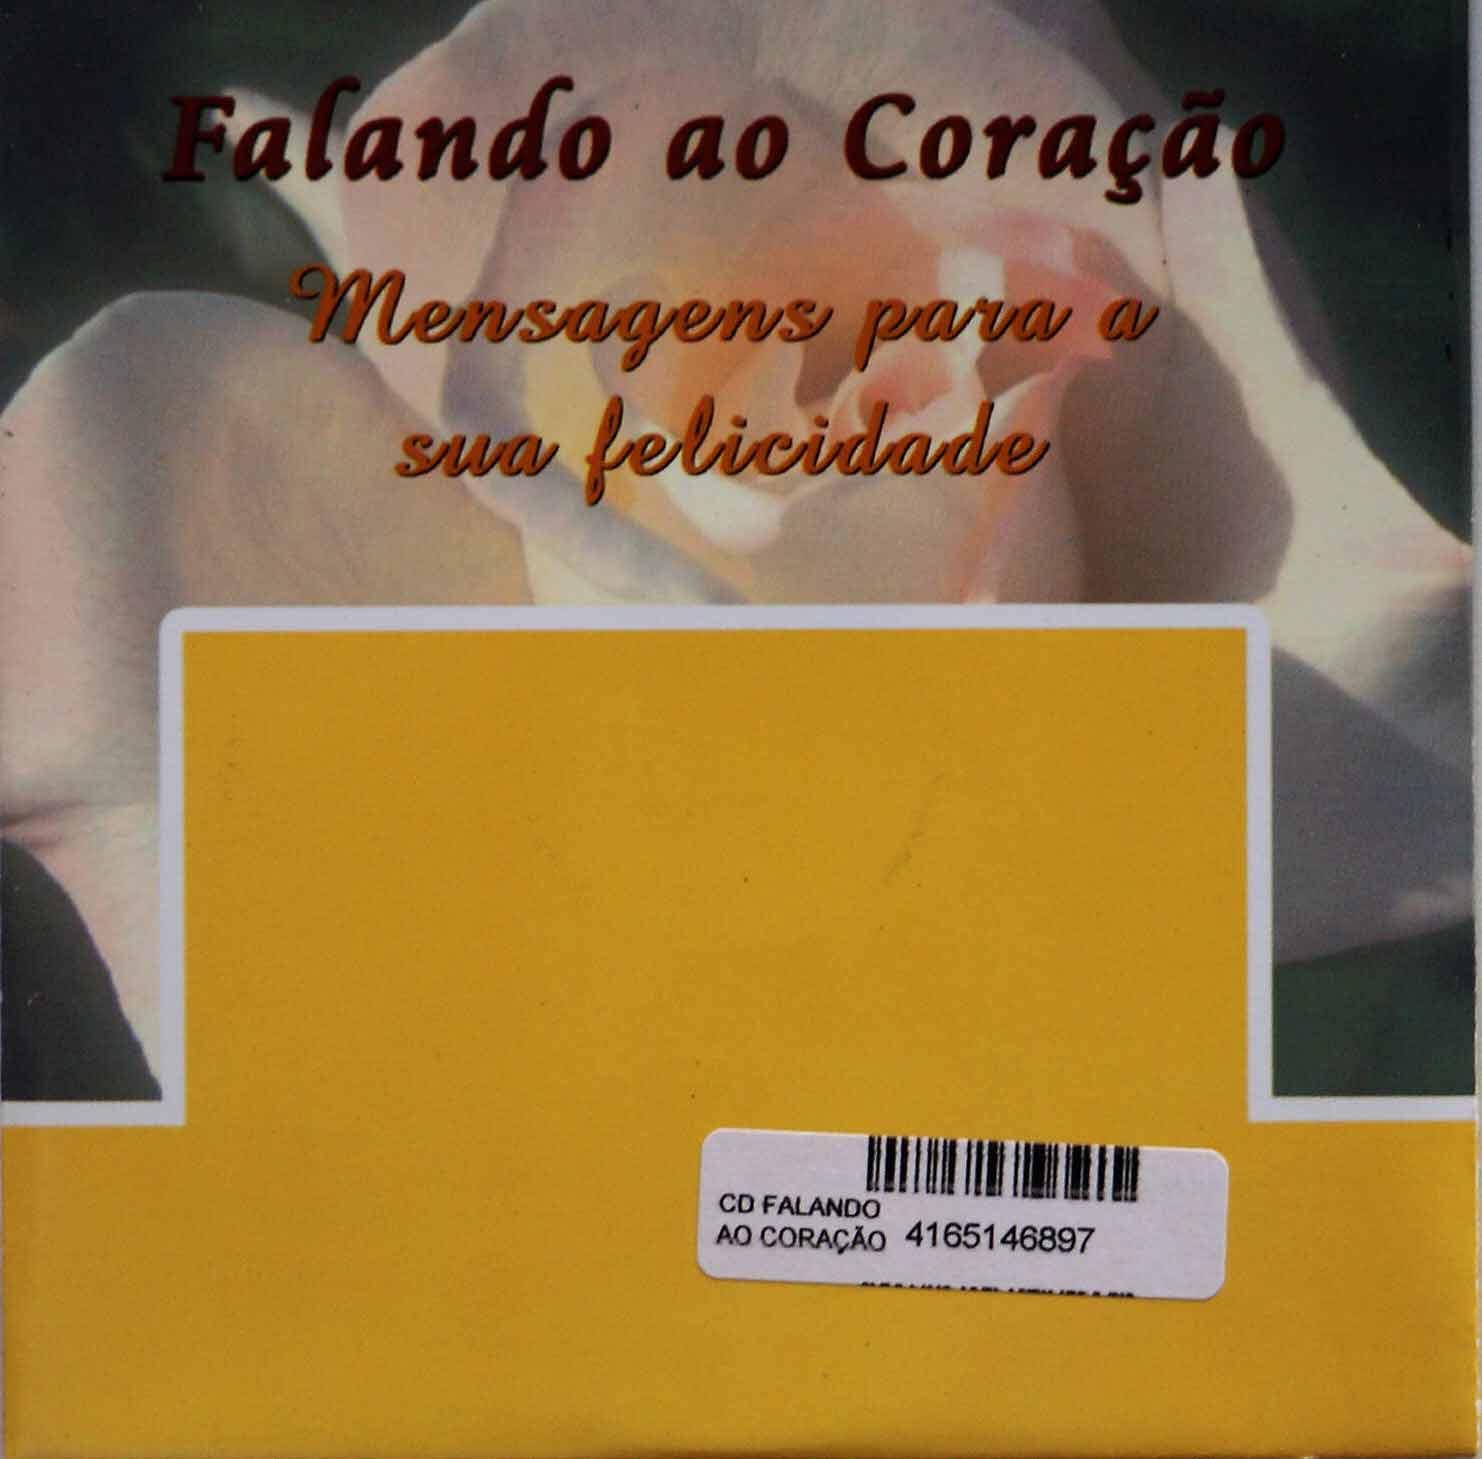 CD - FALANDO AO CORAÇÃO - MENSAGENS PARA A SUA FELICIDADE